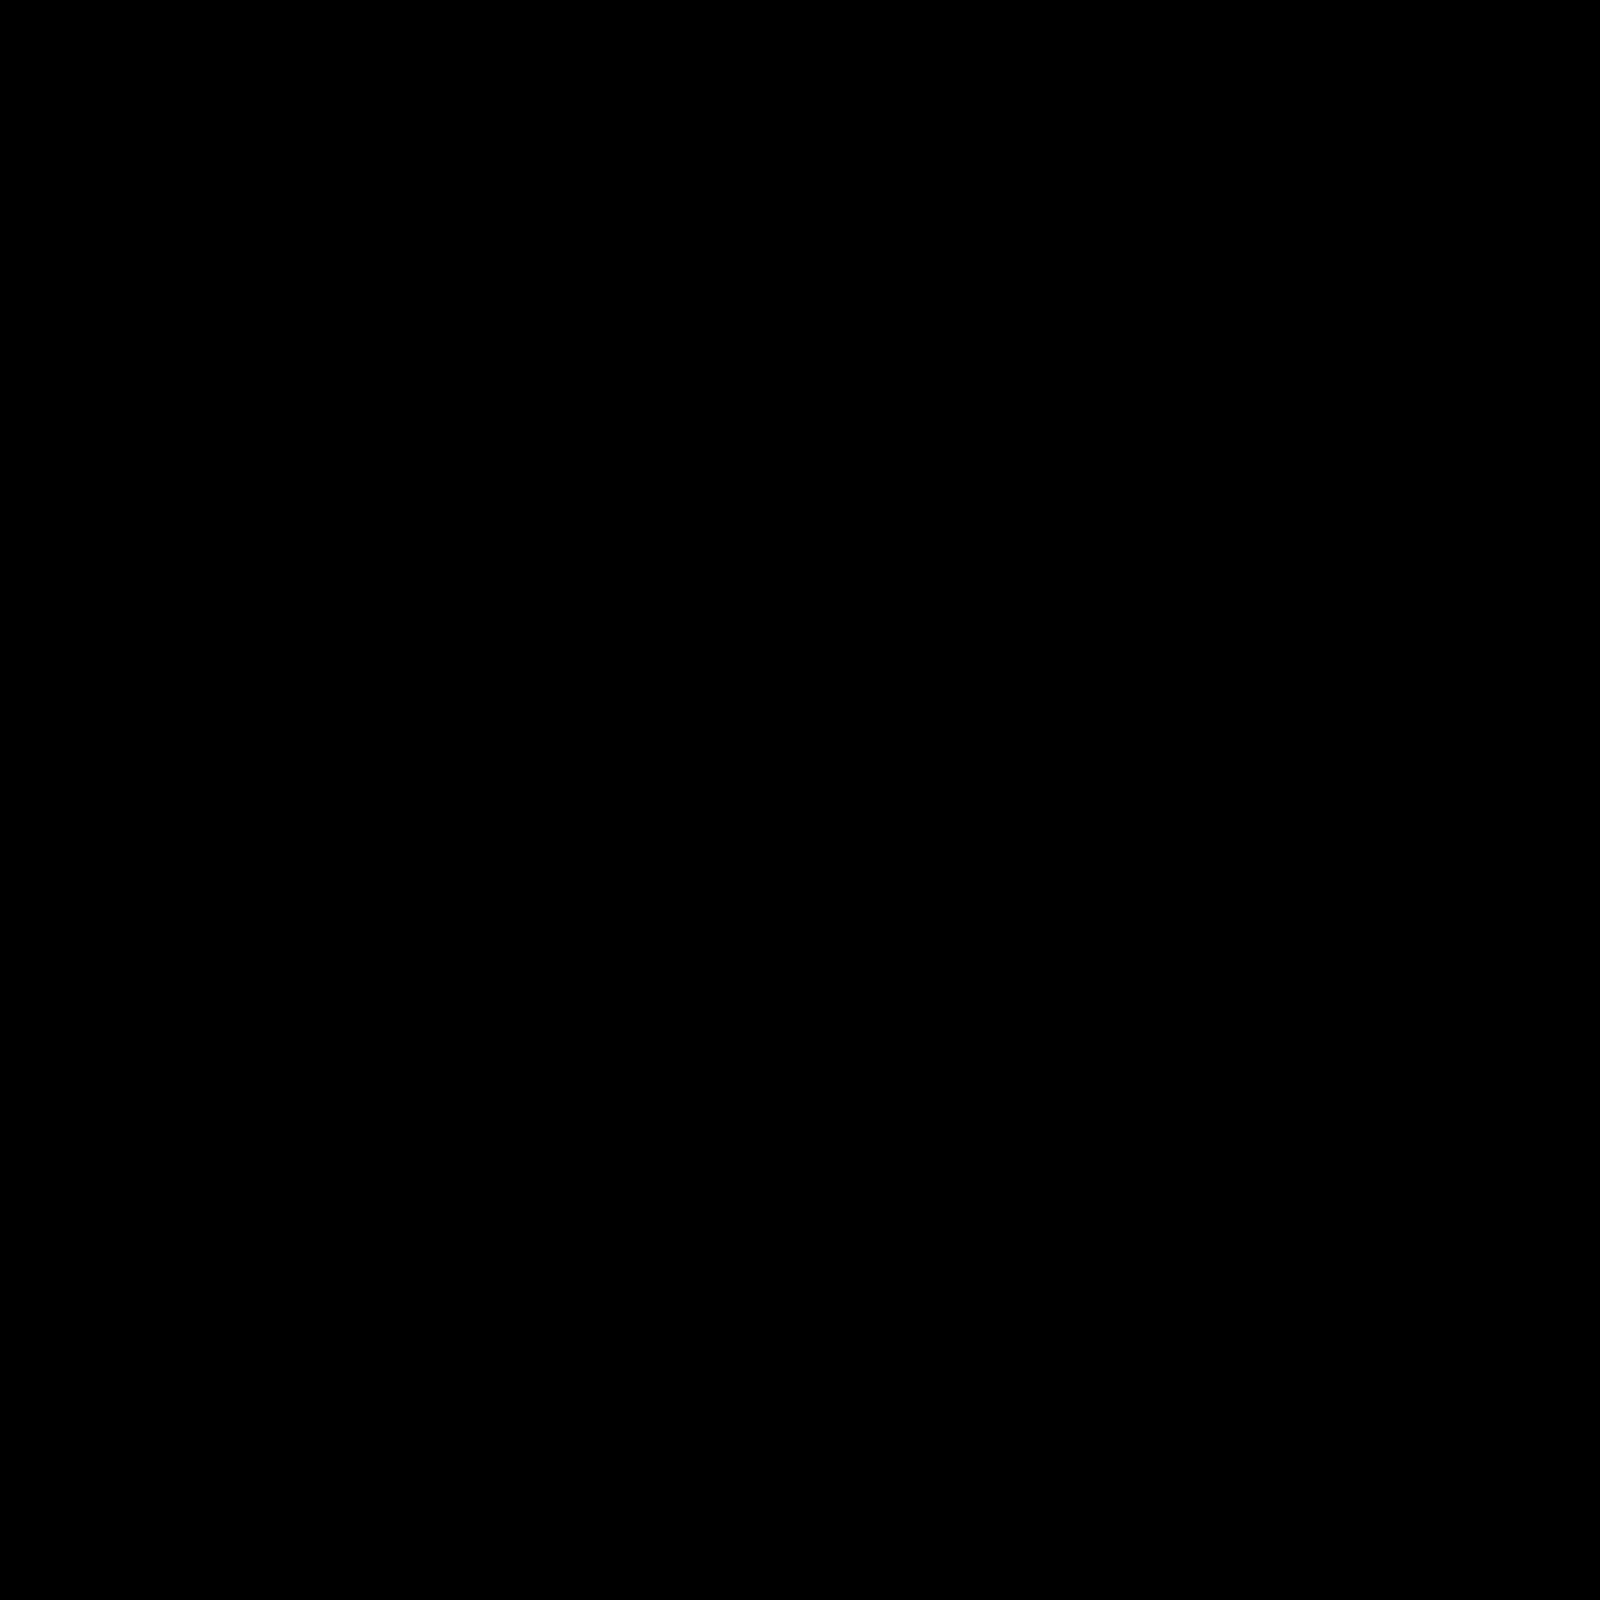 锦鲤 icon